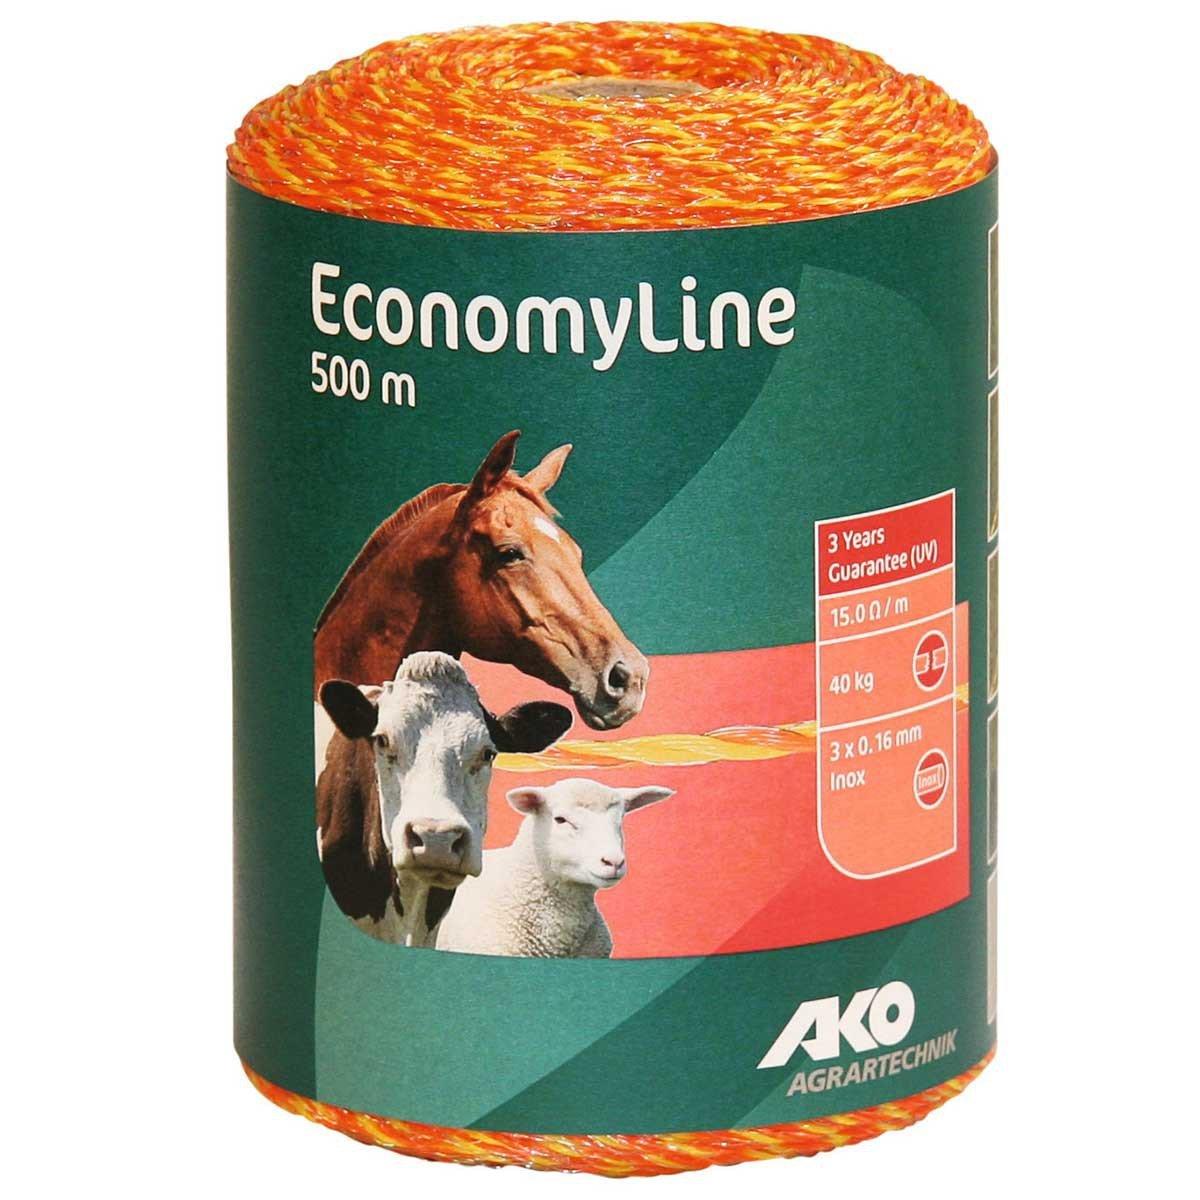 Hilo pastor electrificador para cercados 500m apto para vacas,caballos,ovejas... 44519